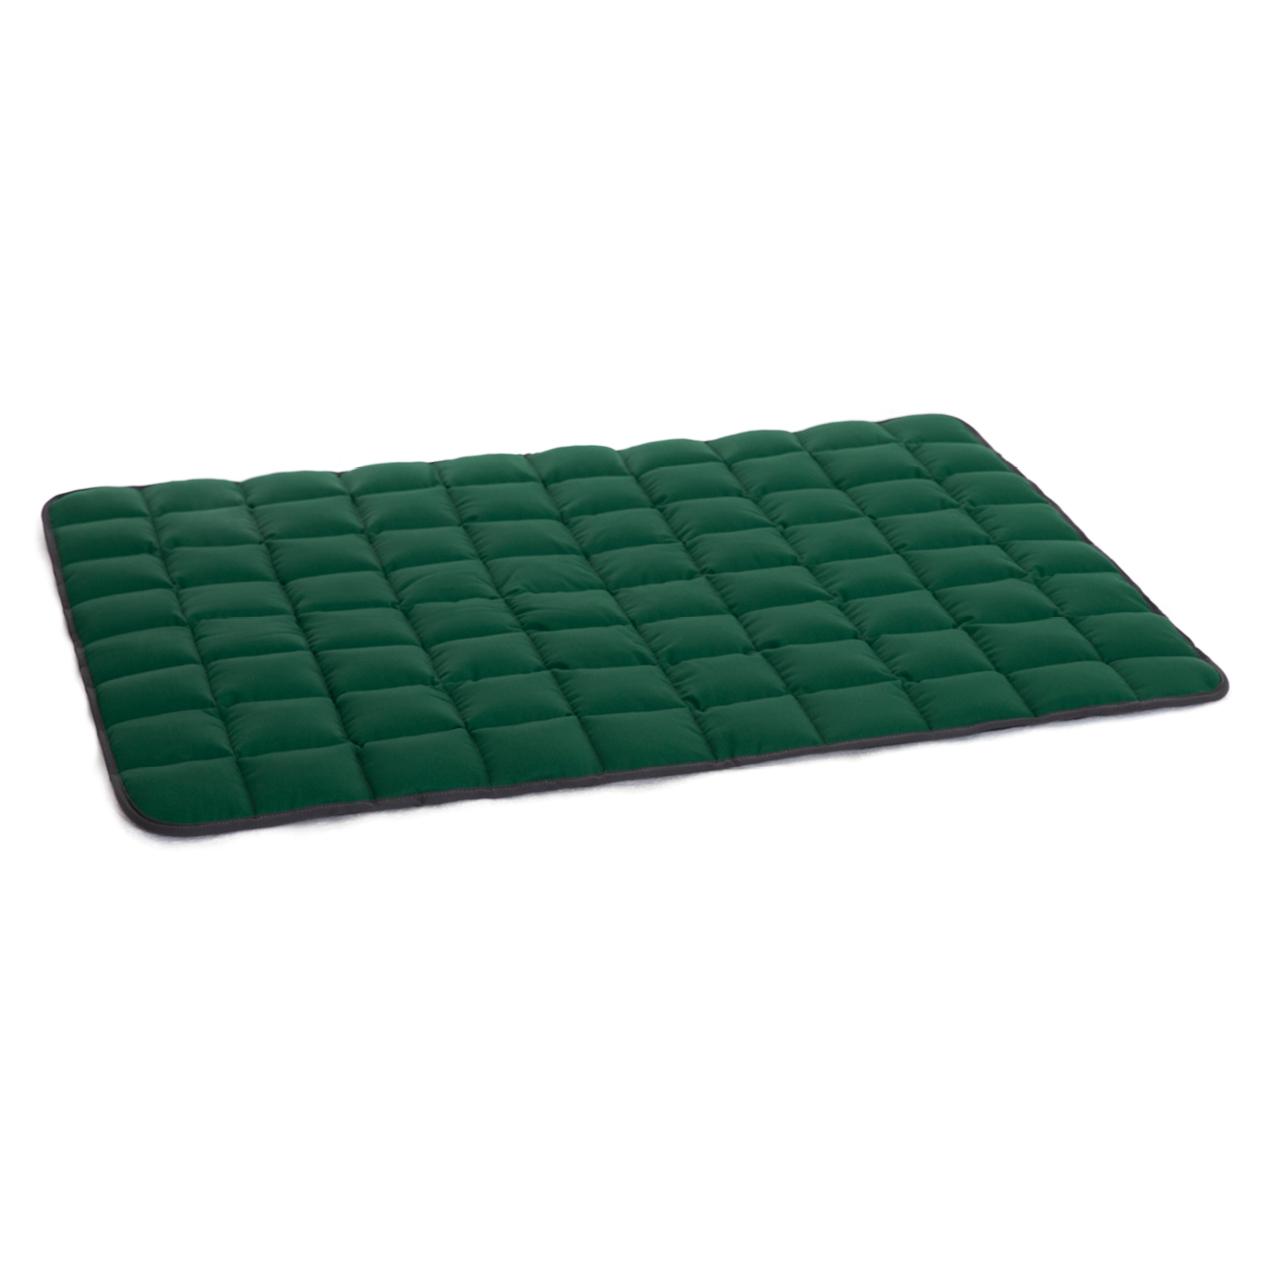 Wende-Steppdecke grau - grün L